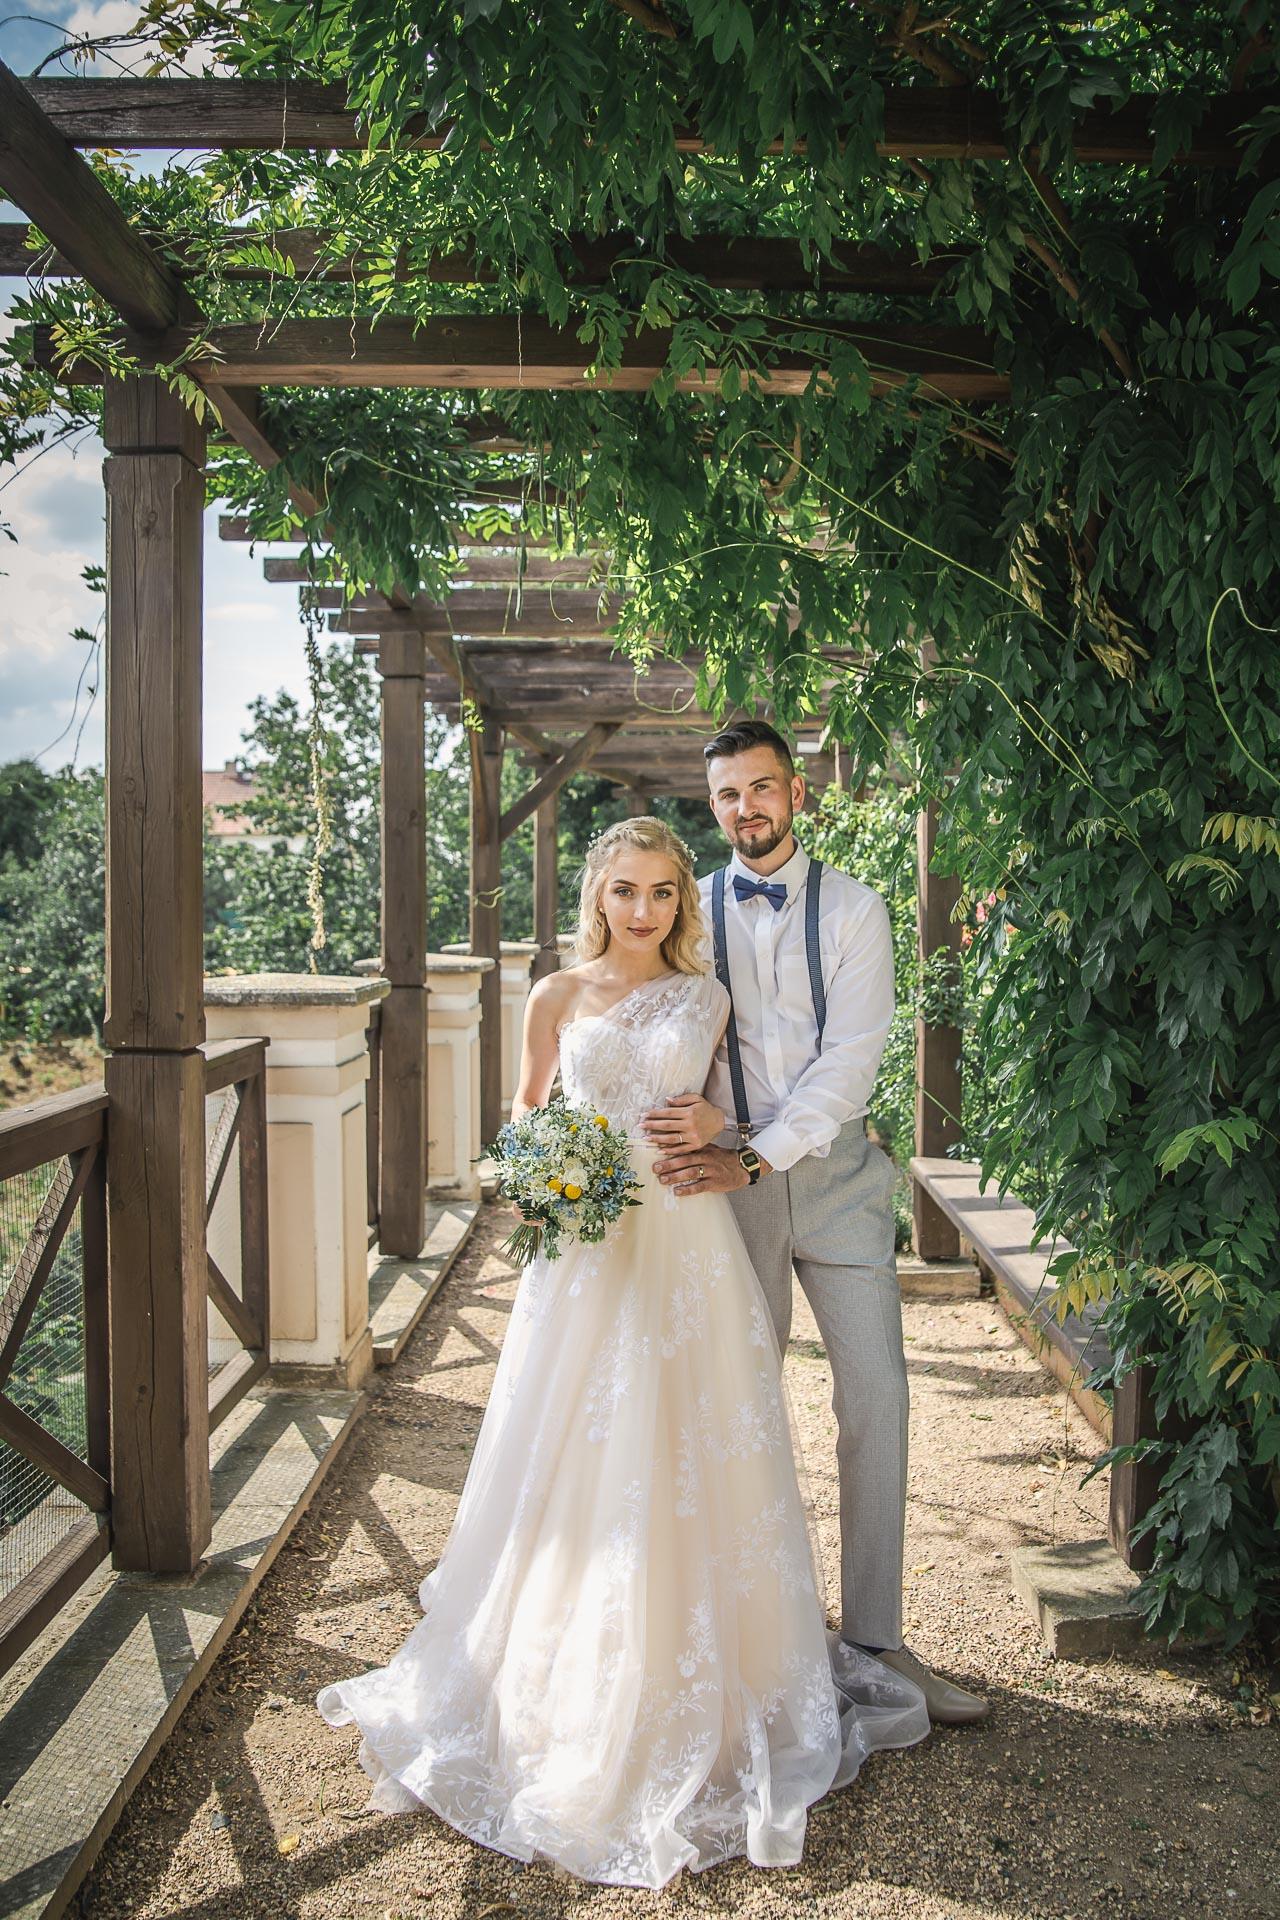 svatební-fotograf-zámek-Loučeň-svatební-video-zámek-Loučeň-4248